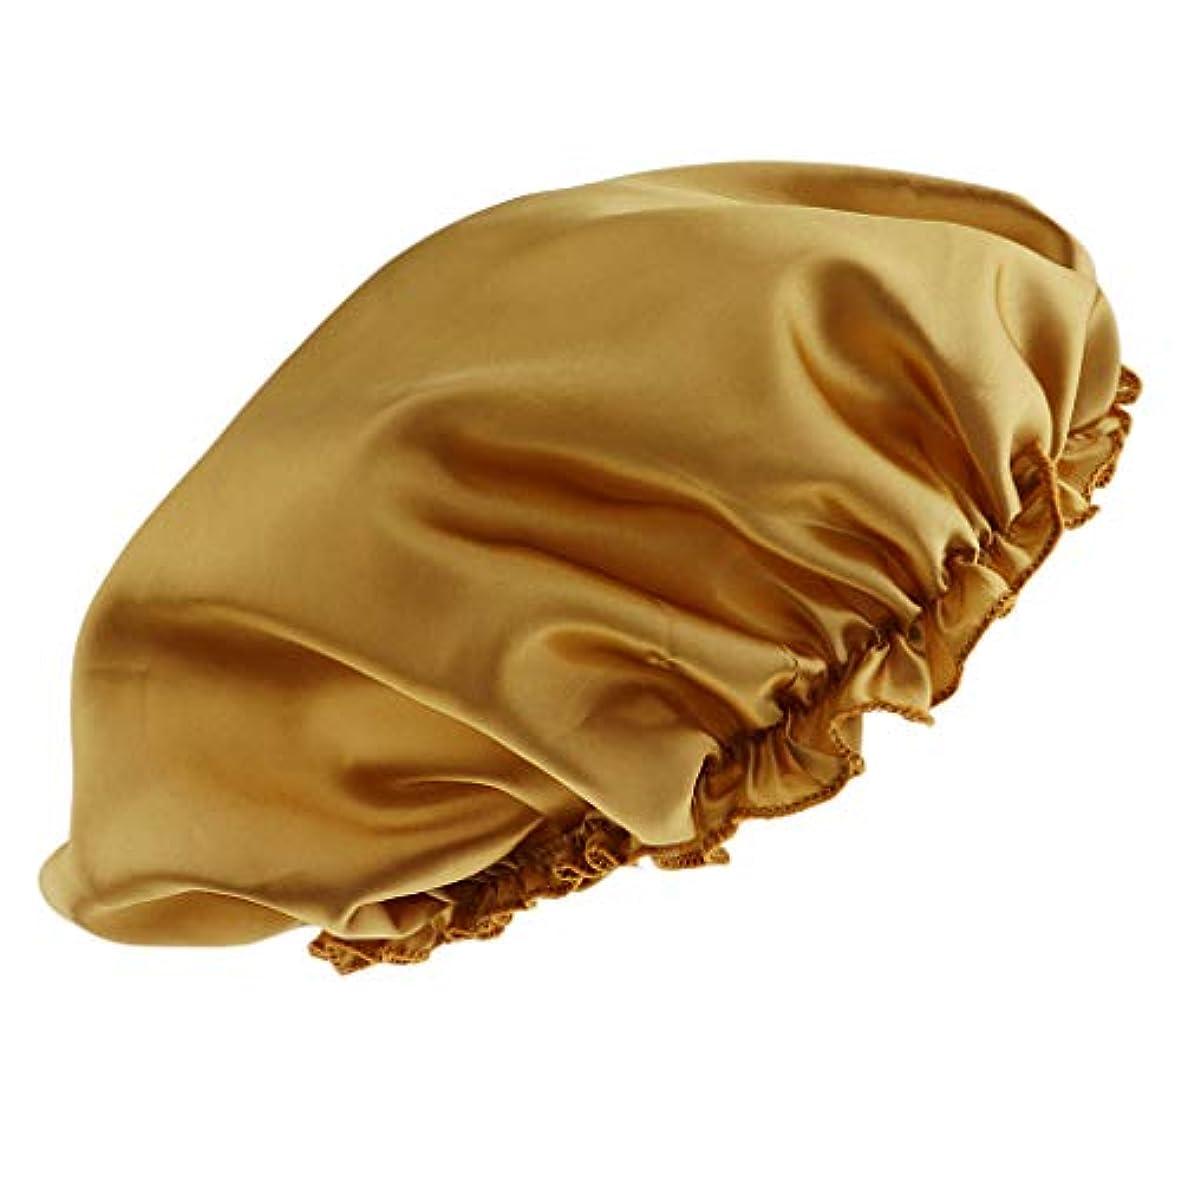 ドループ罹患率微妙シャワーキャップ シルクサテンキャップ シルクサテン帽子 美容ヘッドカバー 浴用帽子 全8色 - ゴールド